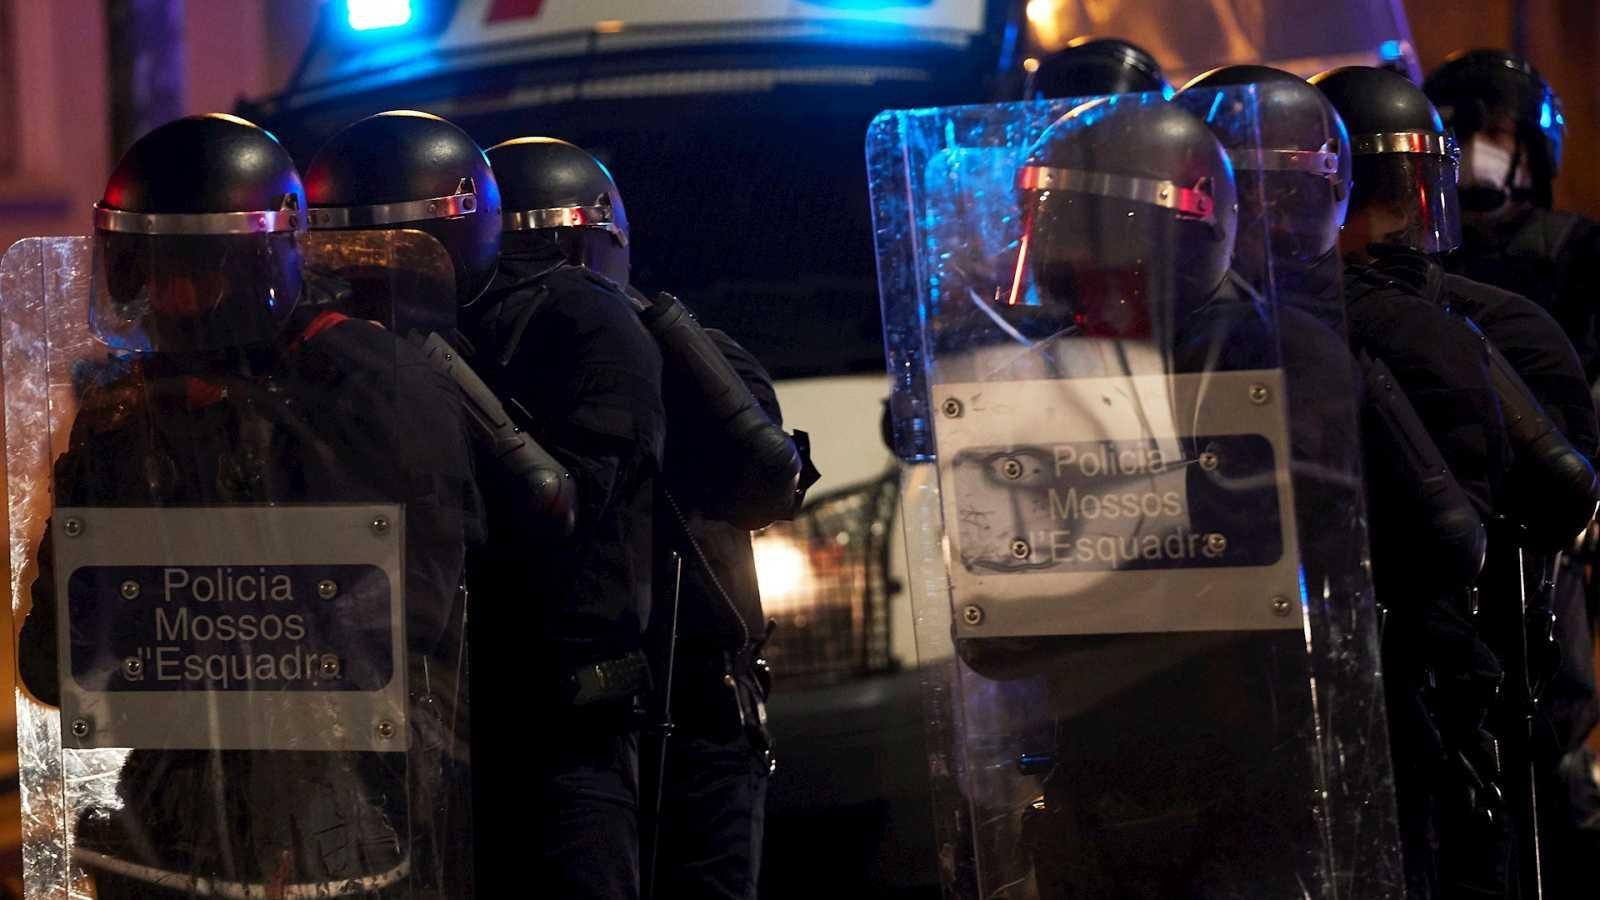 """España a las 8 Fin de Semana - Sindicato de los Mossos pide más voluntad política para frenar los enfrentamientos: """"Nadie parece que tenga previsión de parar esto"""" - Escuchar ahora"""